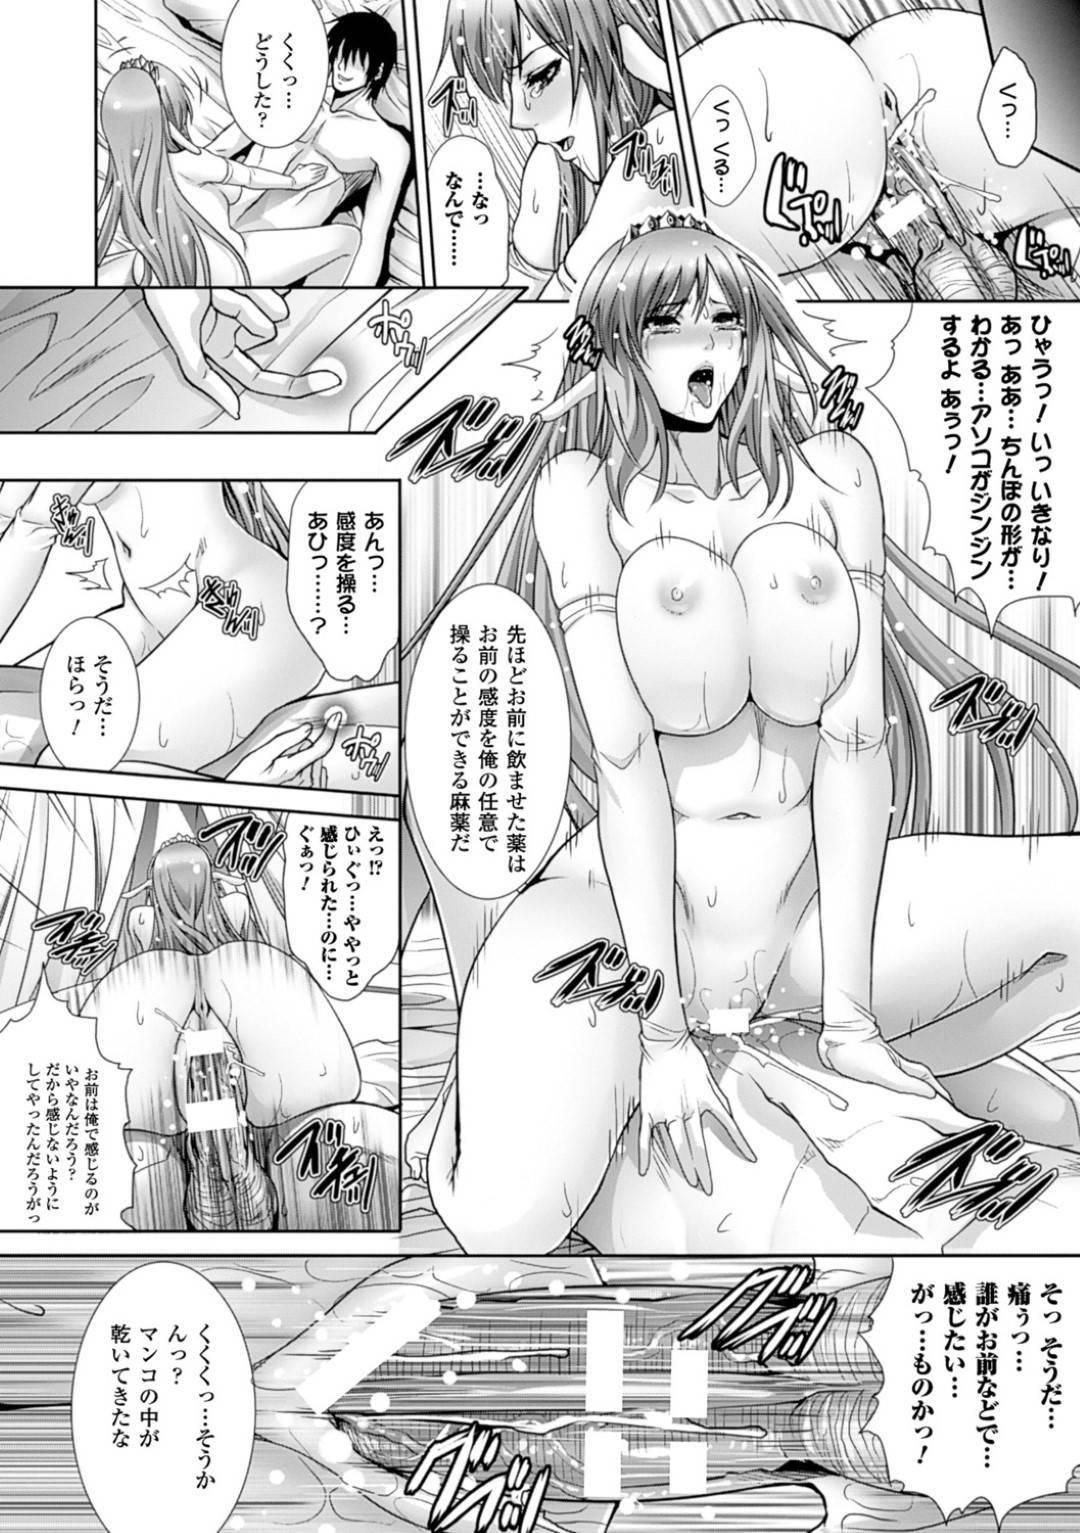 【エロ漫画】絶滅寸前のエルフ族存続のために人間の男に寝る事になったエルフ姫。彼女は欲情した男にされるがままにクンニされた後、正常位でチンポを生挿入されて処女喪失し、更には中出しまでされてしまう。